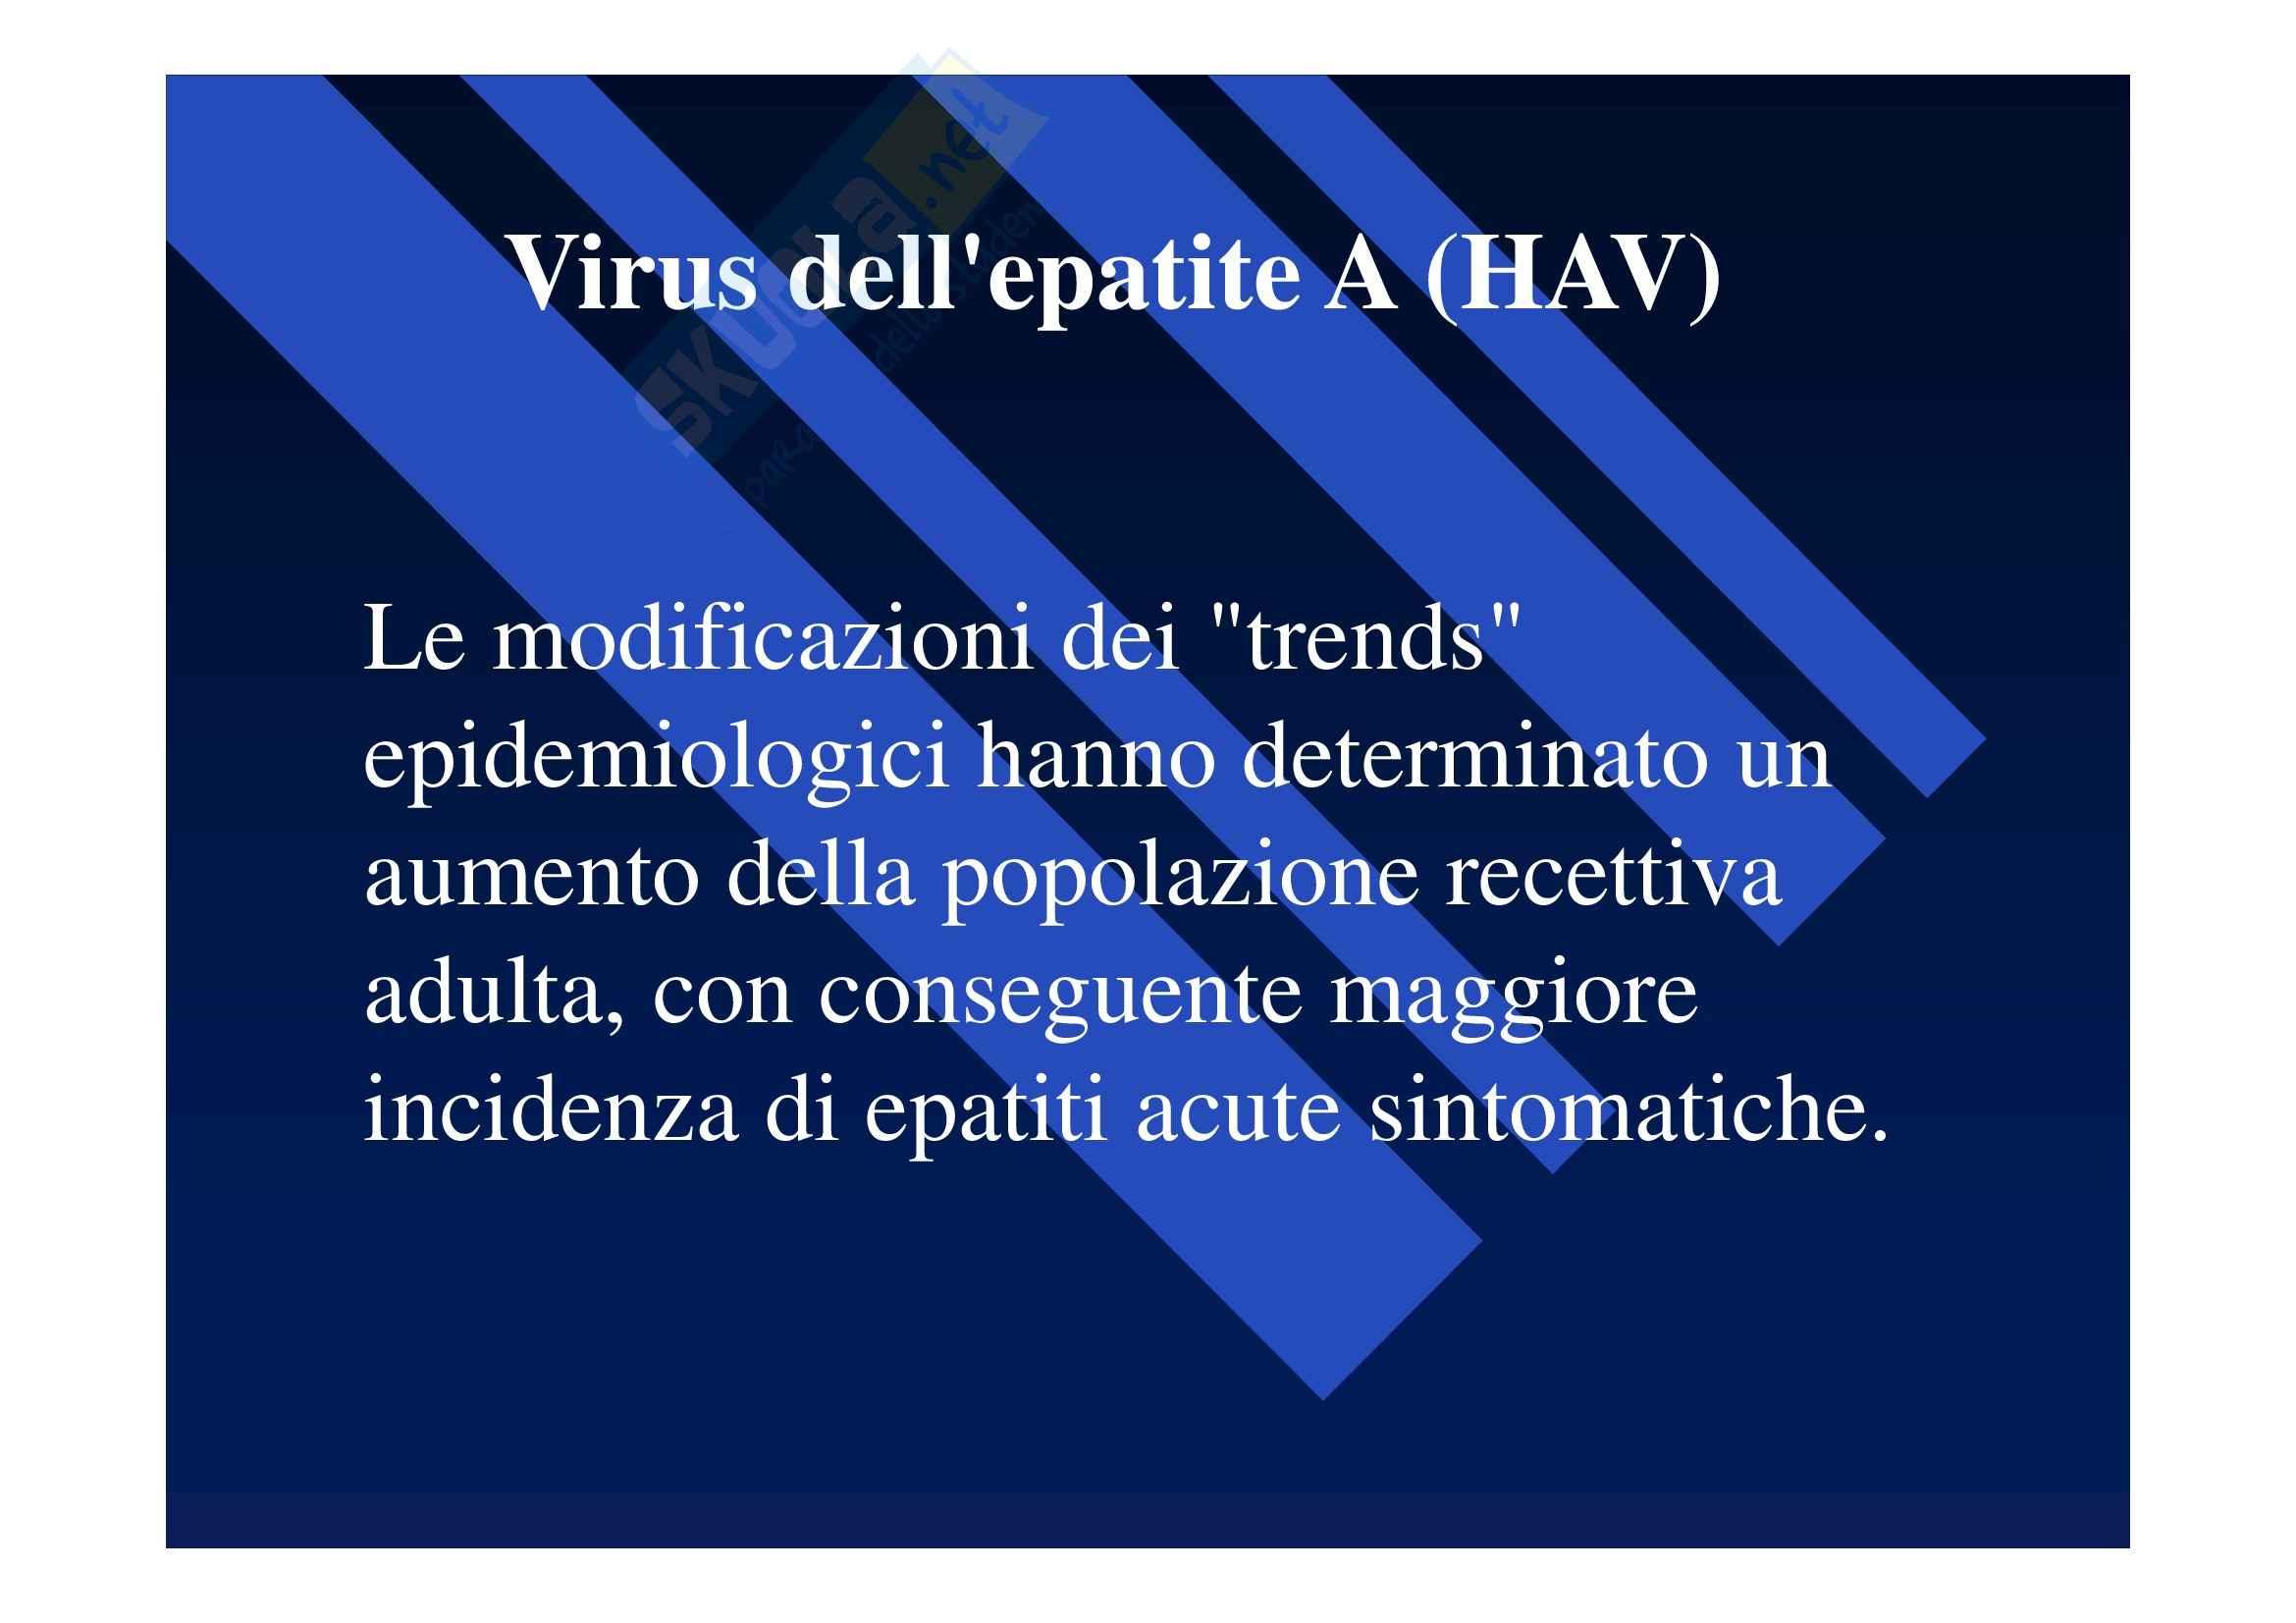 Malattie infettive e tropicali - diarree infettive Pag. 41